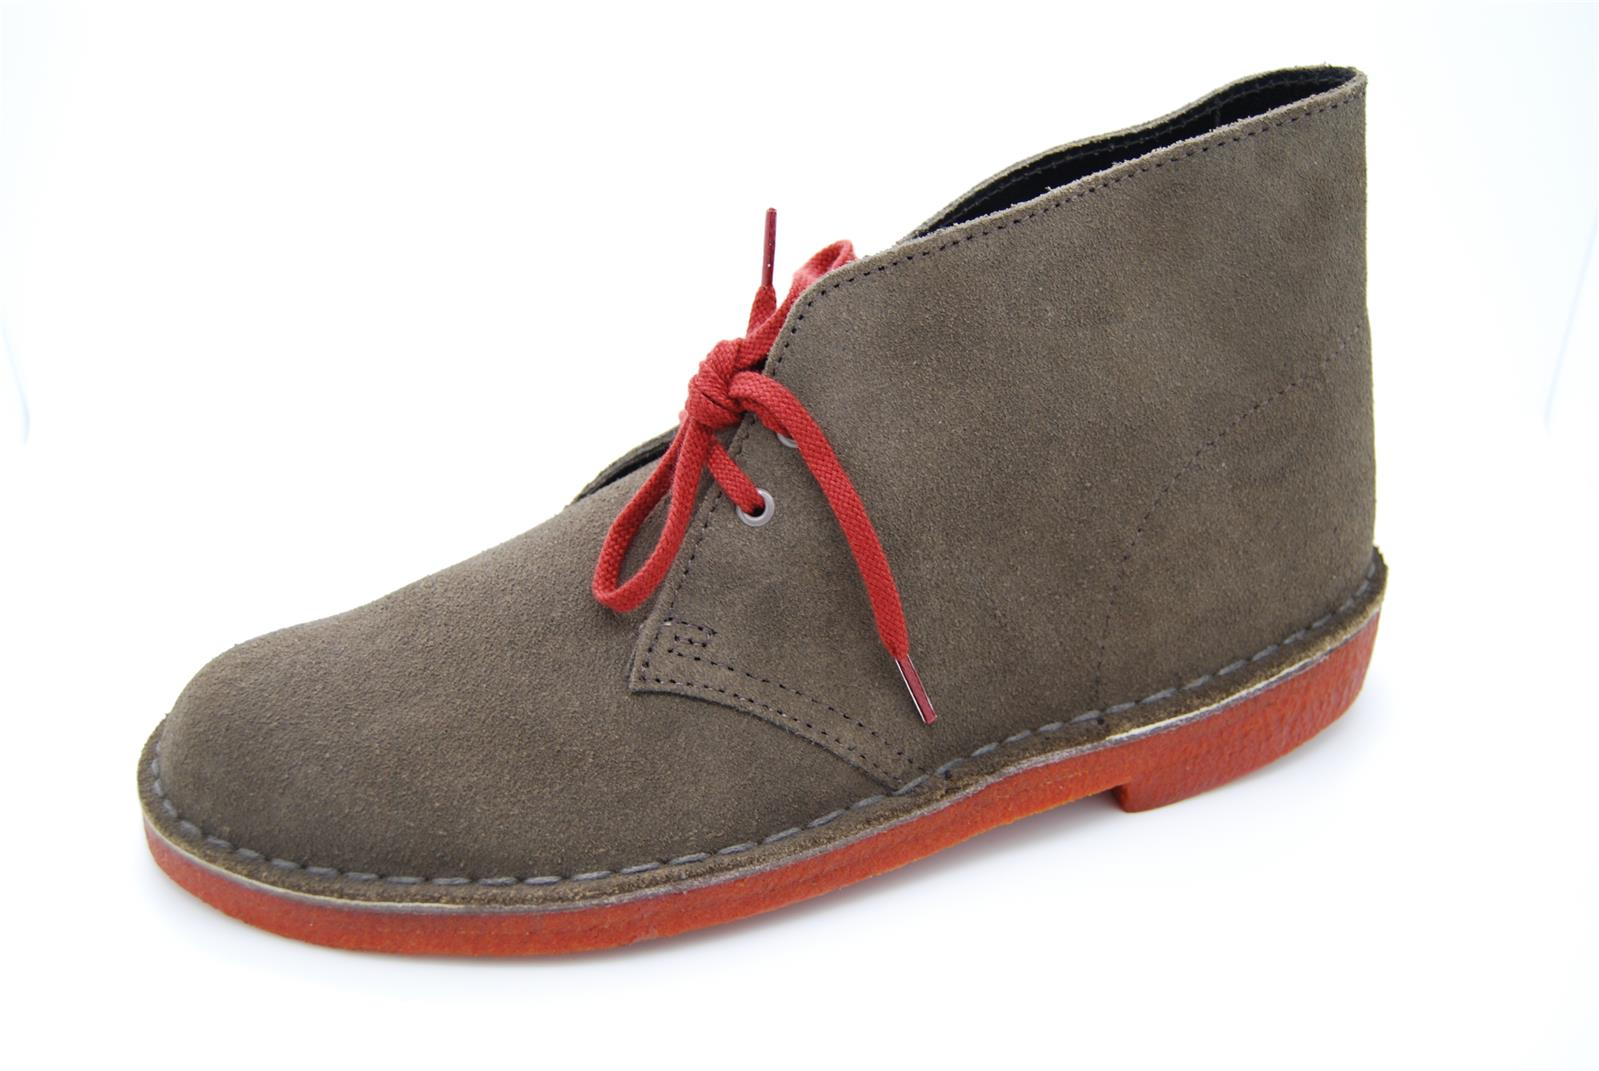 4951340e4c Clarks desert boot classica MARRONE CHIARO